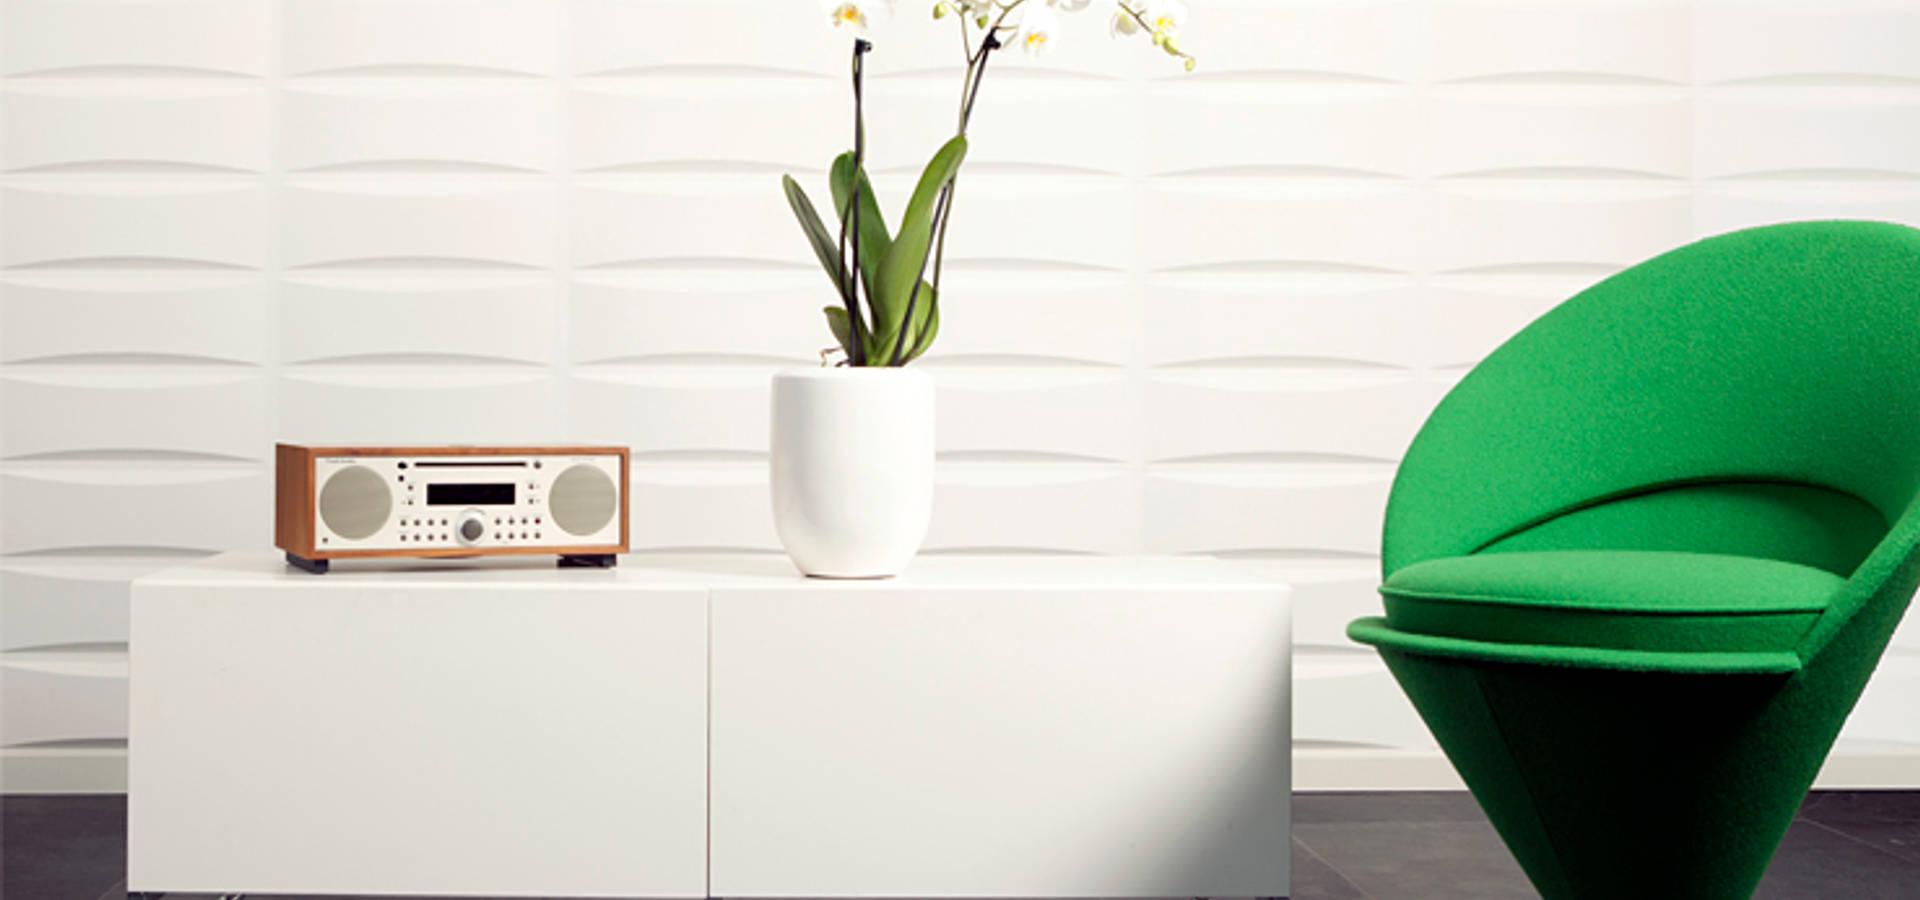 Paneles 3d bamboo de paneles de pared homify for Paneles acrilicos para paredes